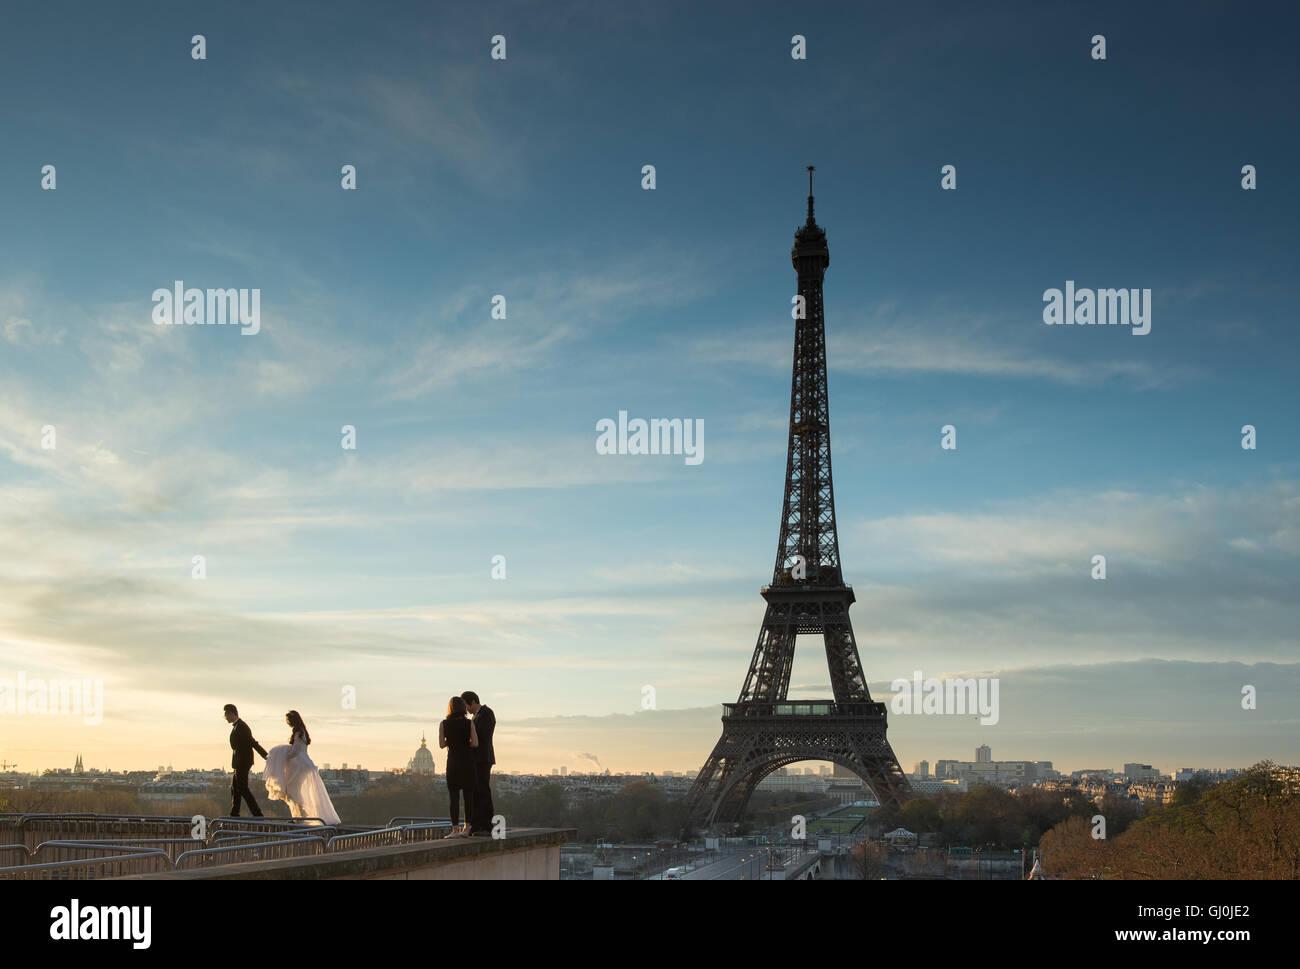 La photographie de mariage au Palais de Chaillot, avec la Tour Eiffel en toile de fond, Paris, France Photo Stock